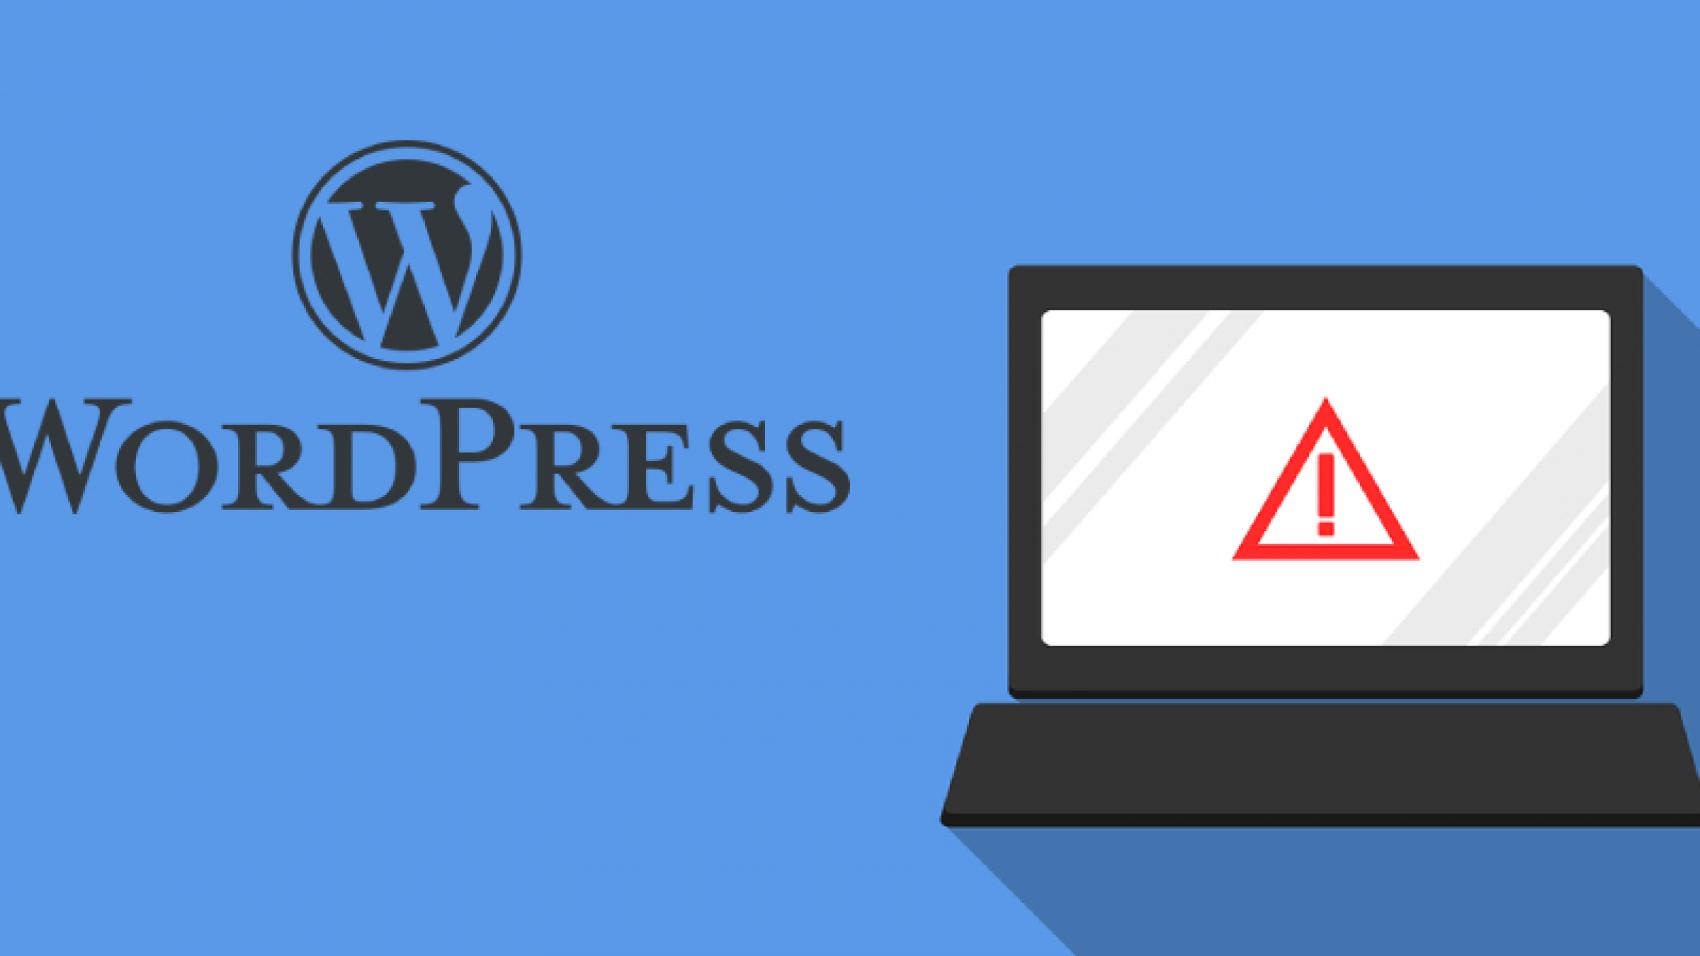 Пользователи WordPress вновь под угрозой из-за уязвимости в плагинах